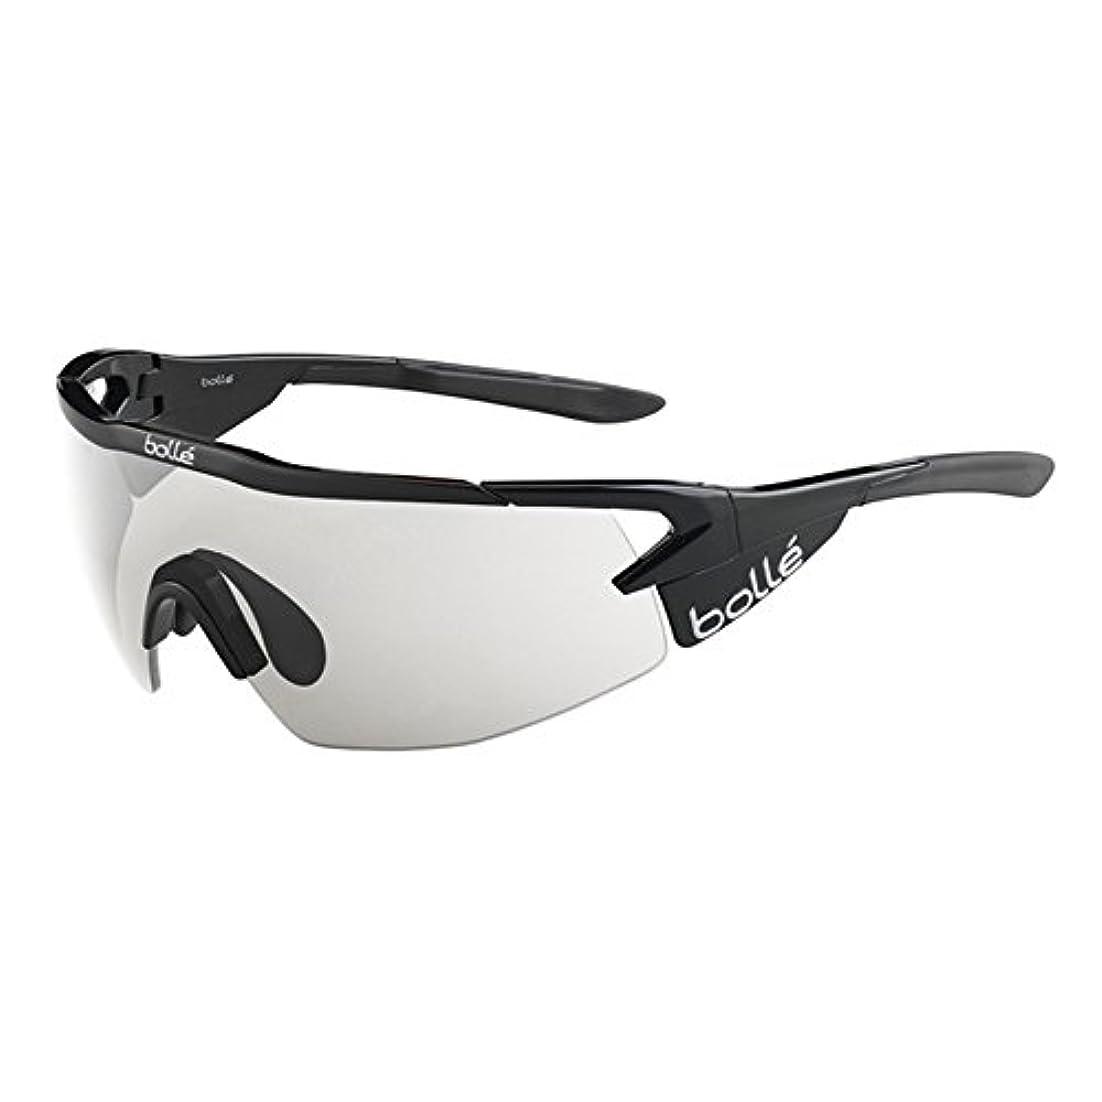 オピエートアウトドア難しいサングラス クリア調光レンズ Aeromax Matte Black Modulator Clear Gray